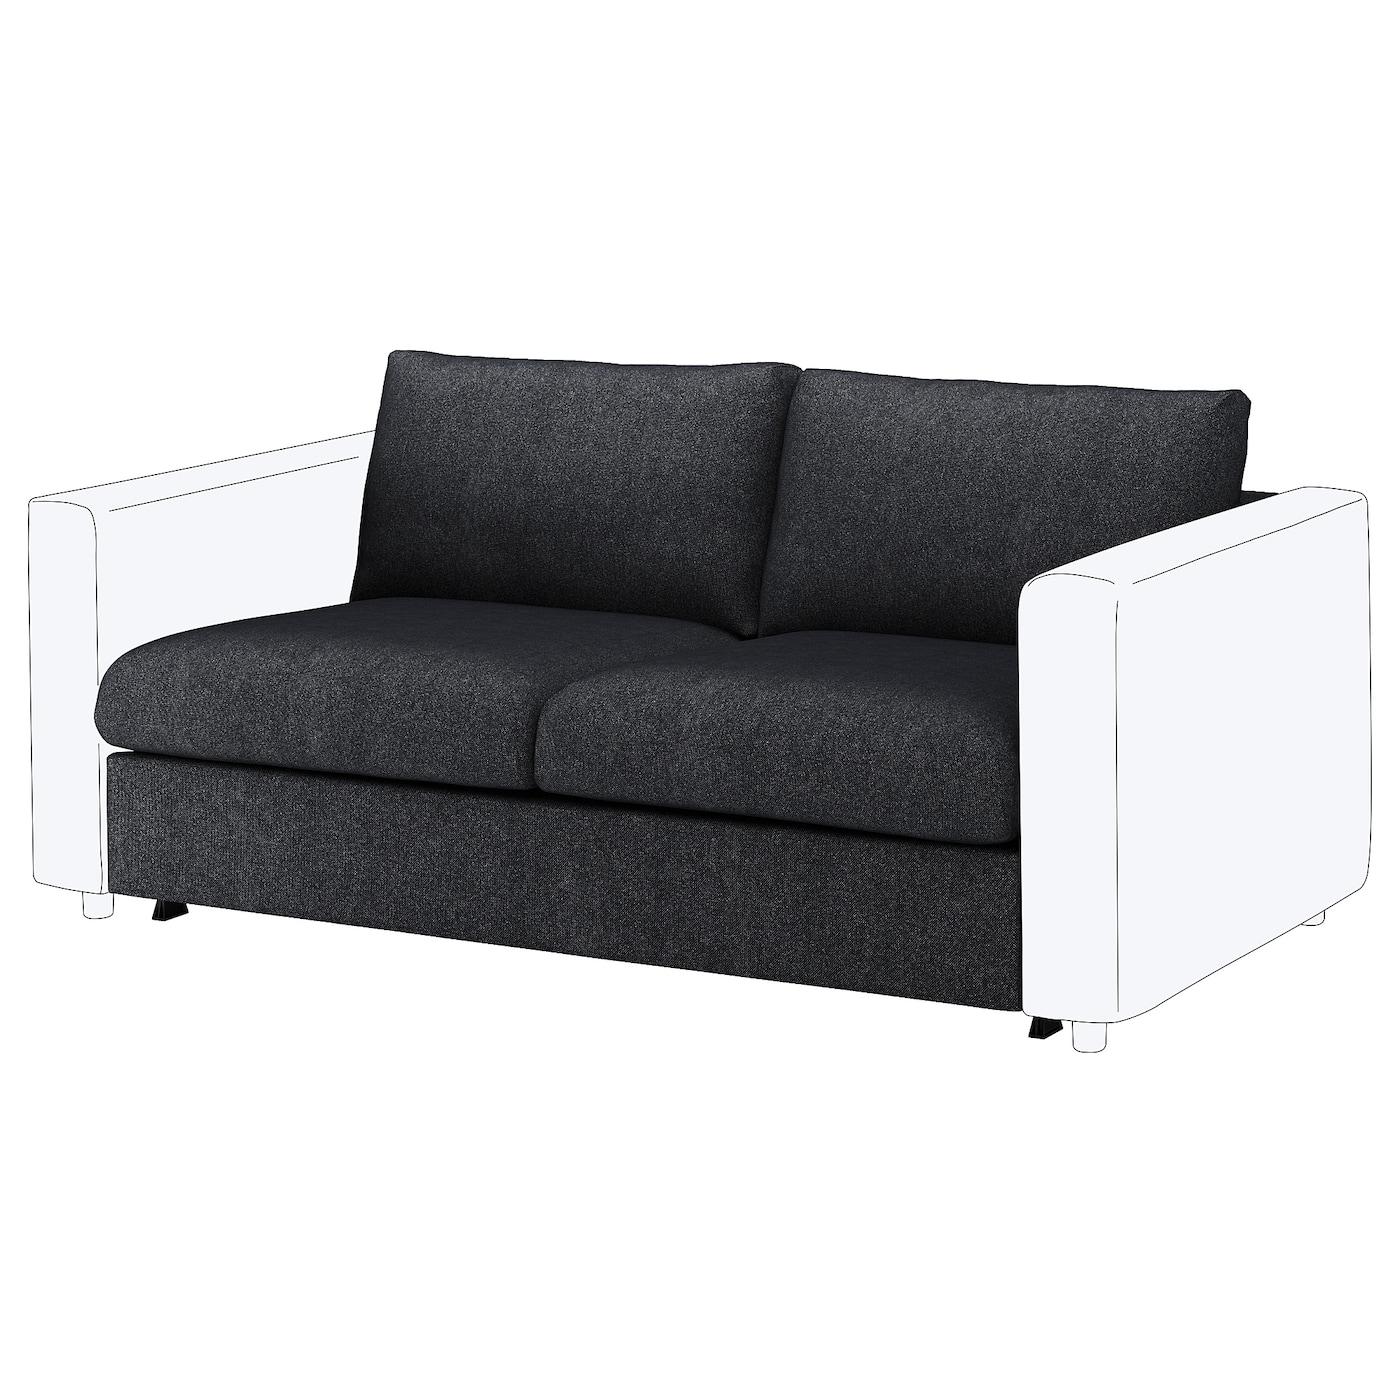 IKEA VIMLE Sekcja 2-os sofa rozkładana, Tallmyra czarny/szary